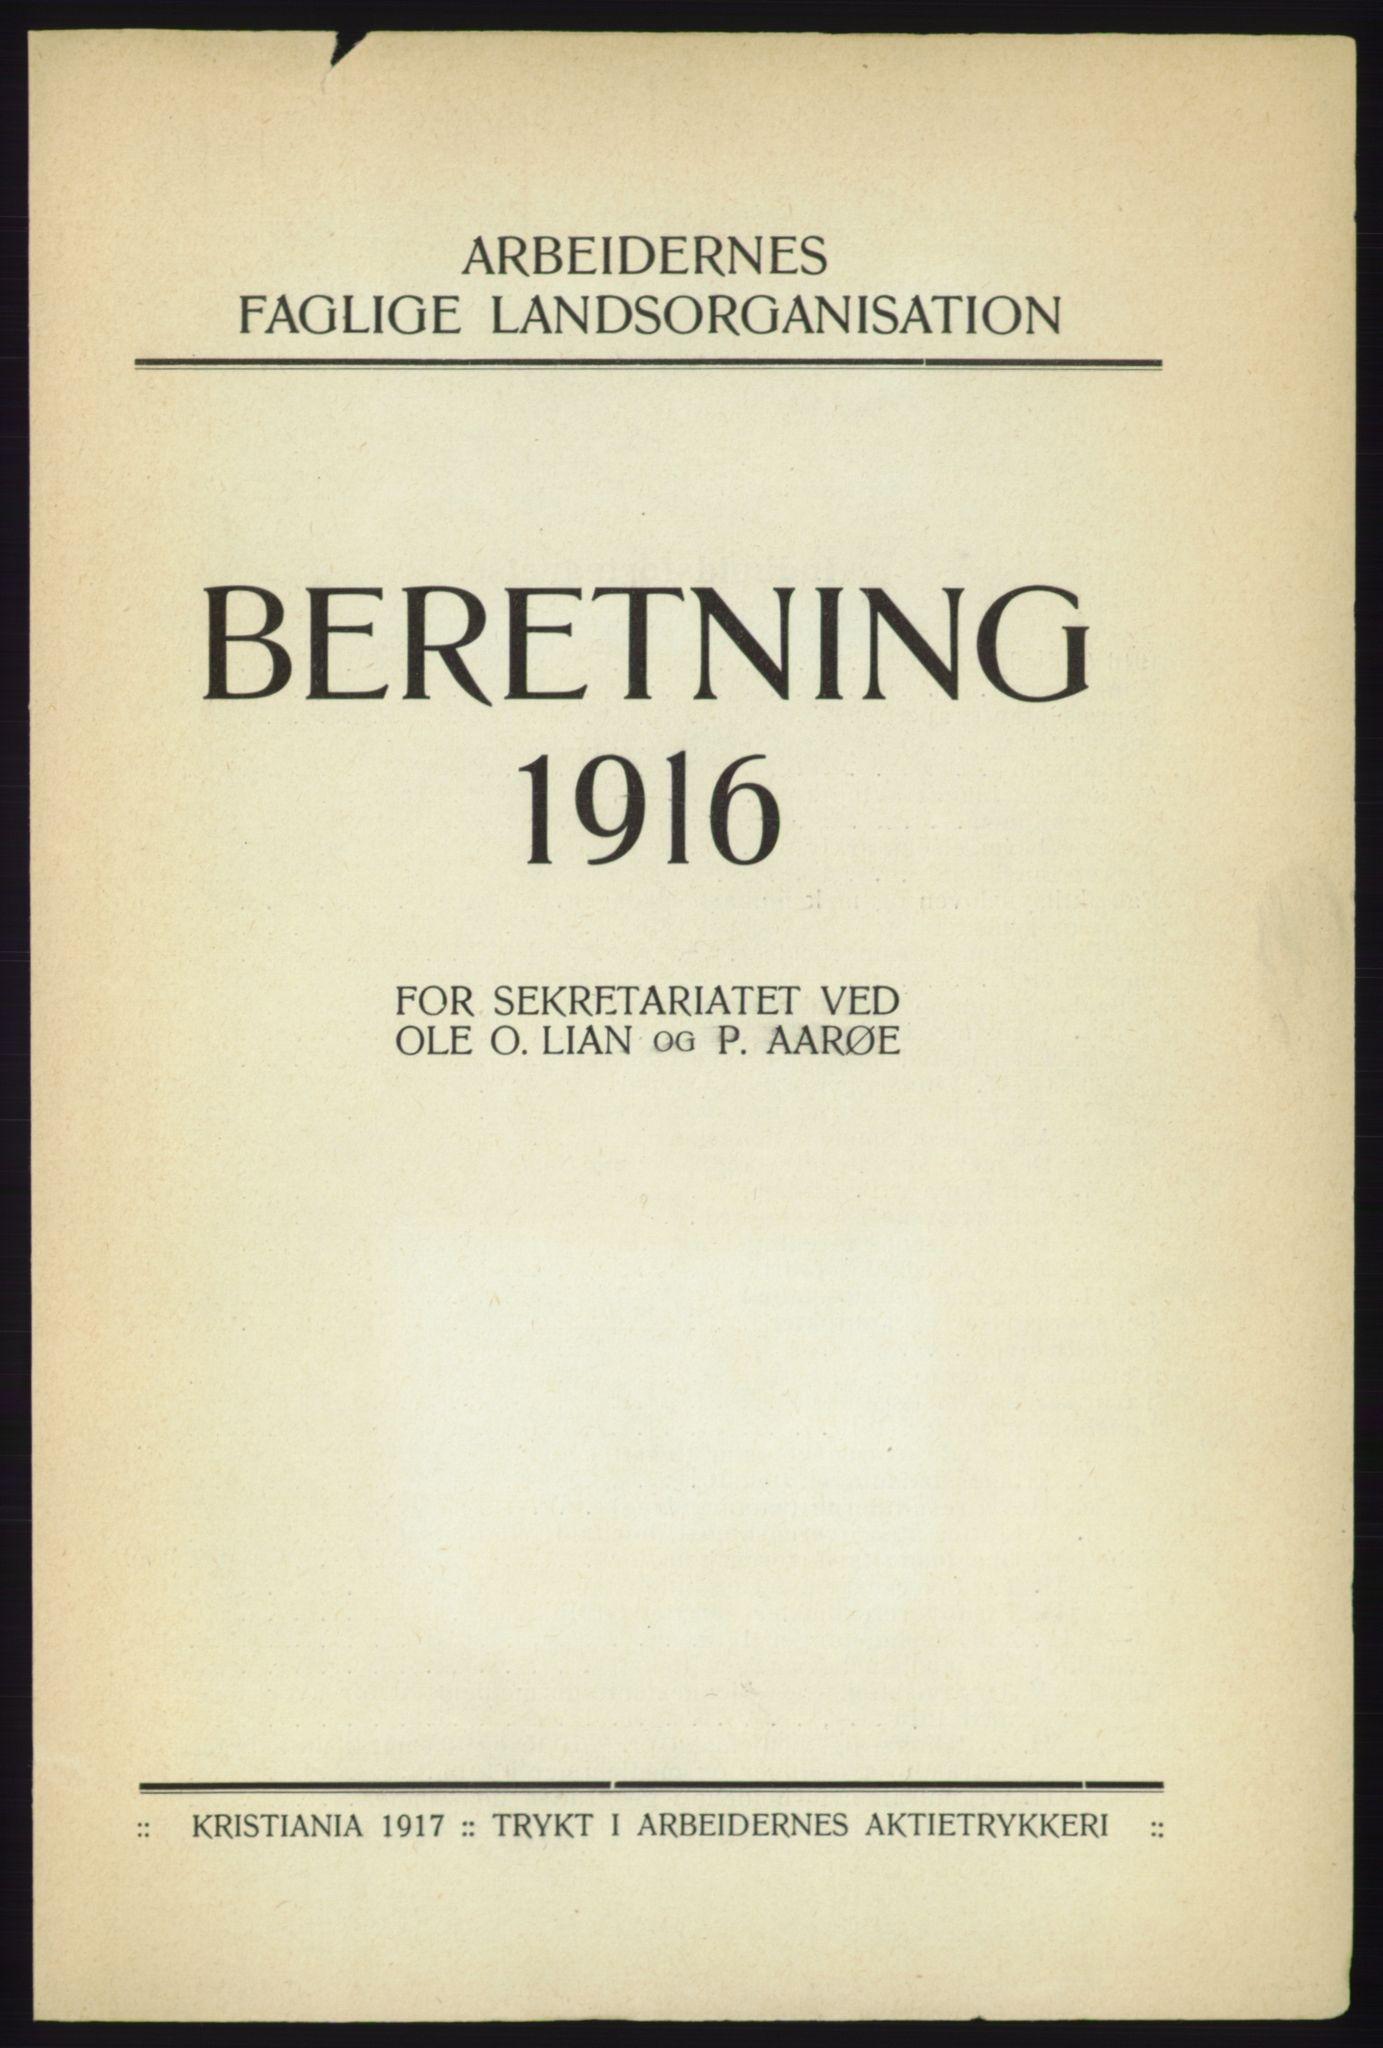 AAB, Landsorganisasjonen i Norge - publikasjoner, -/-: Landsorganisationens beretning for 1916, 1916